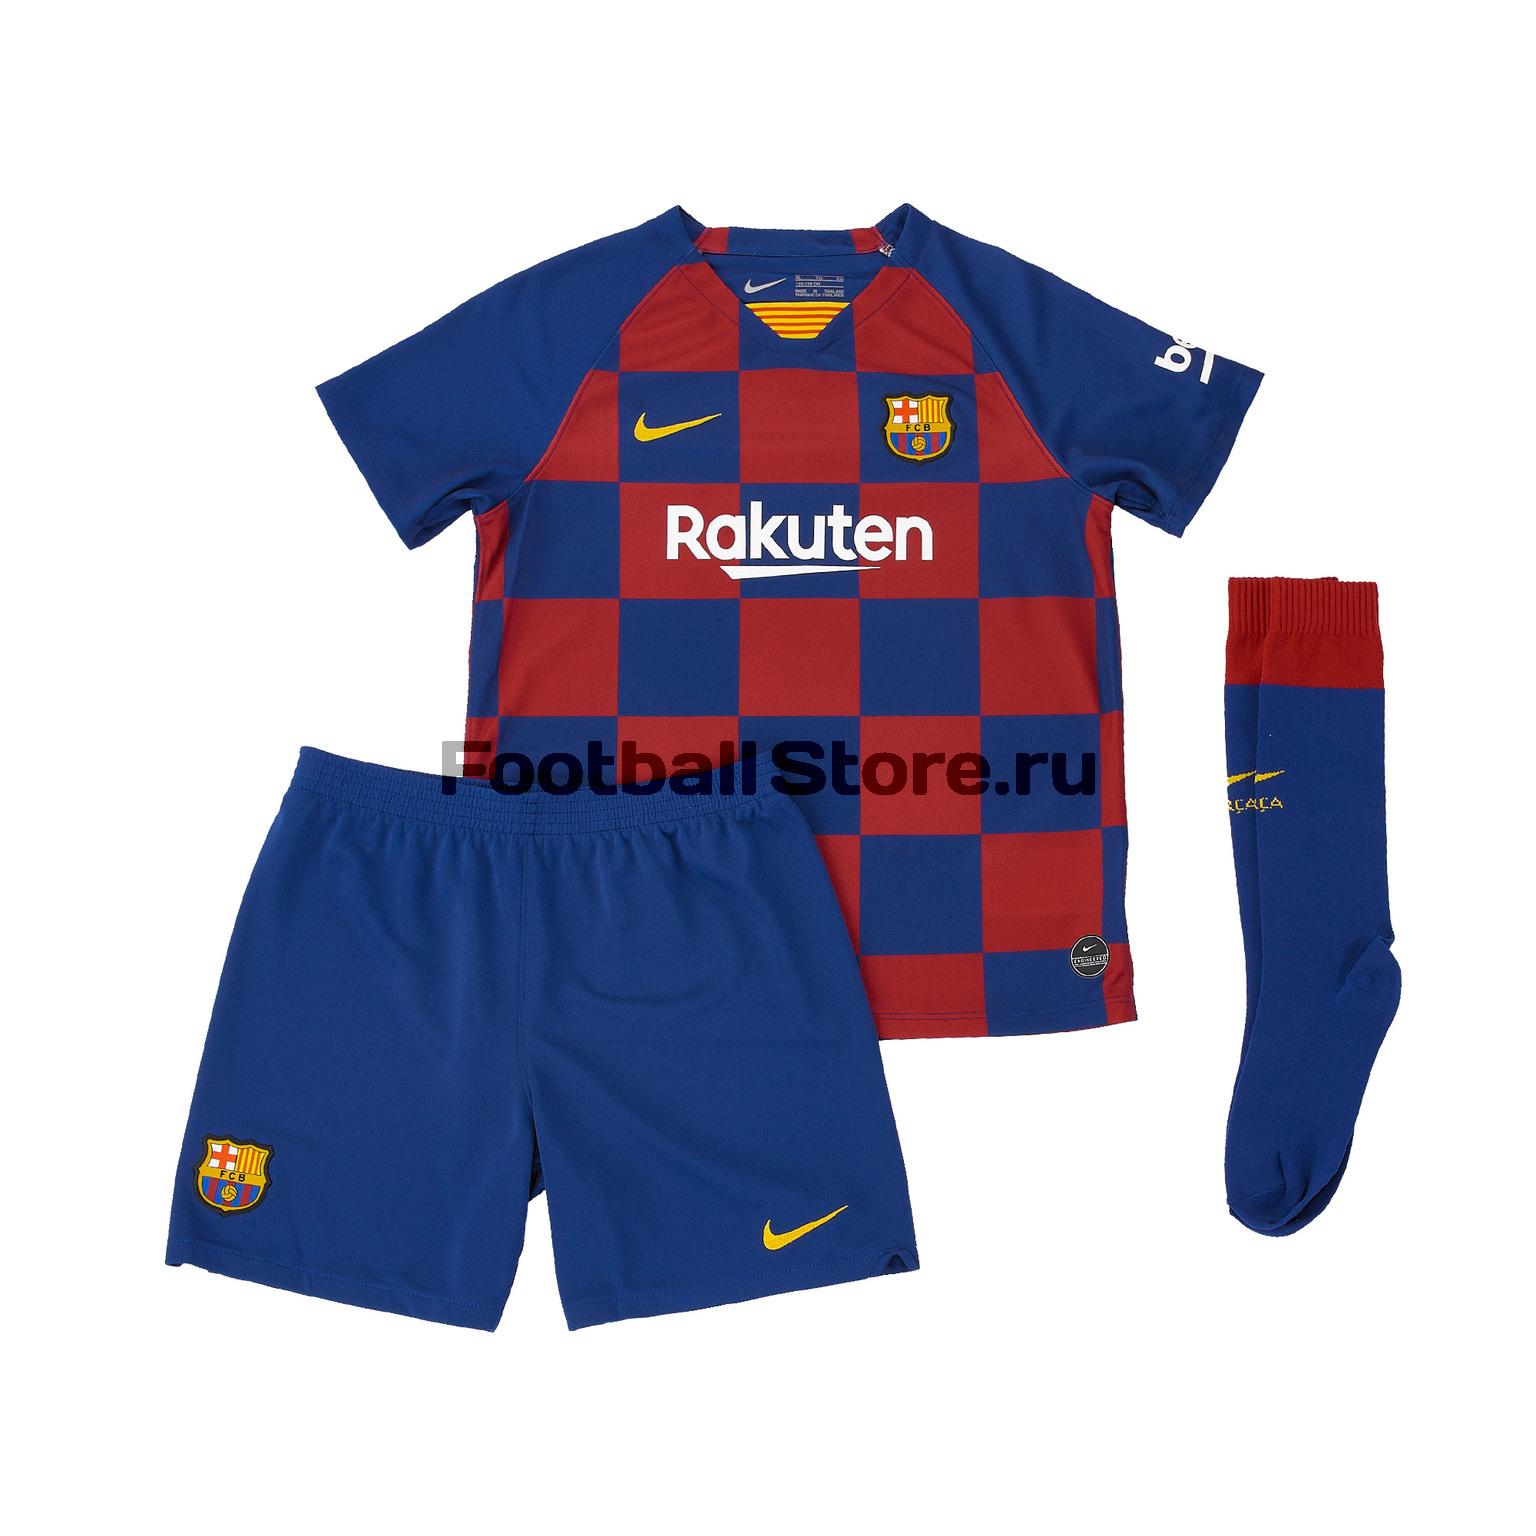 Комплект детской формы Nike Barcelona 2019/20